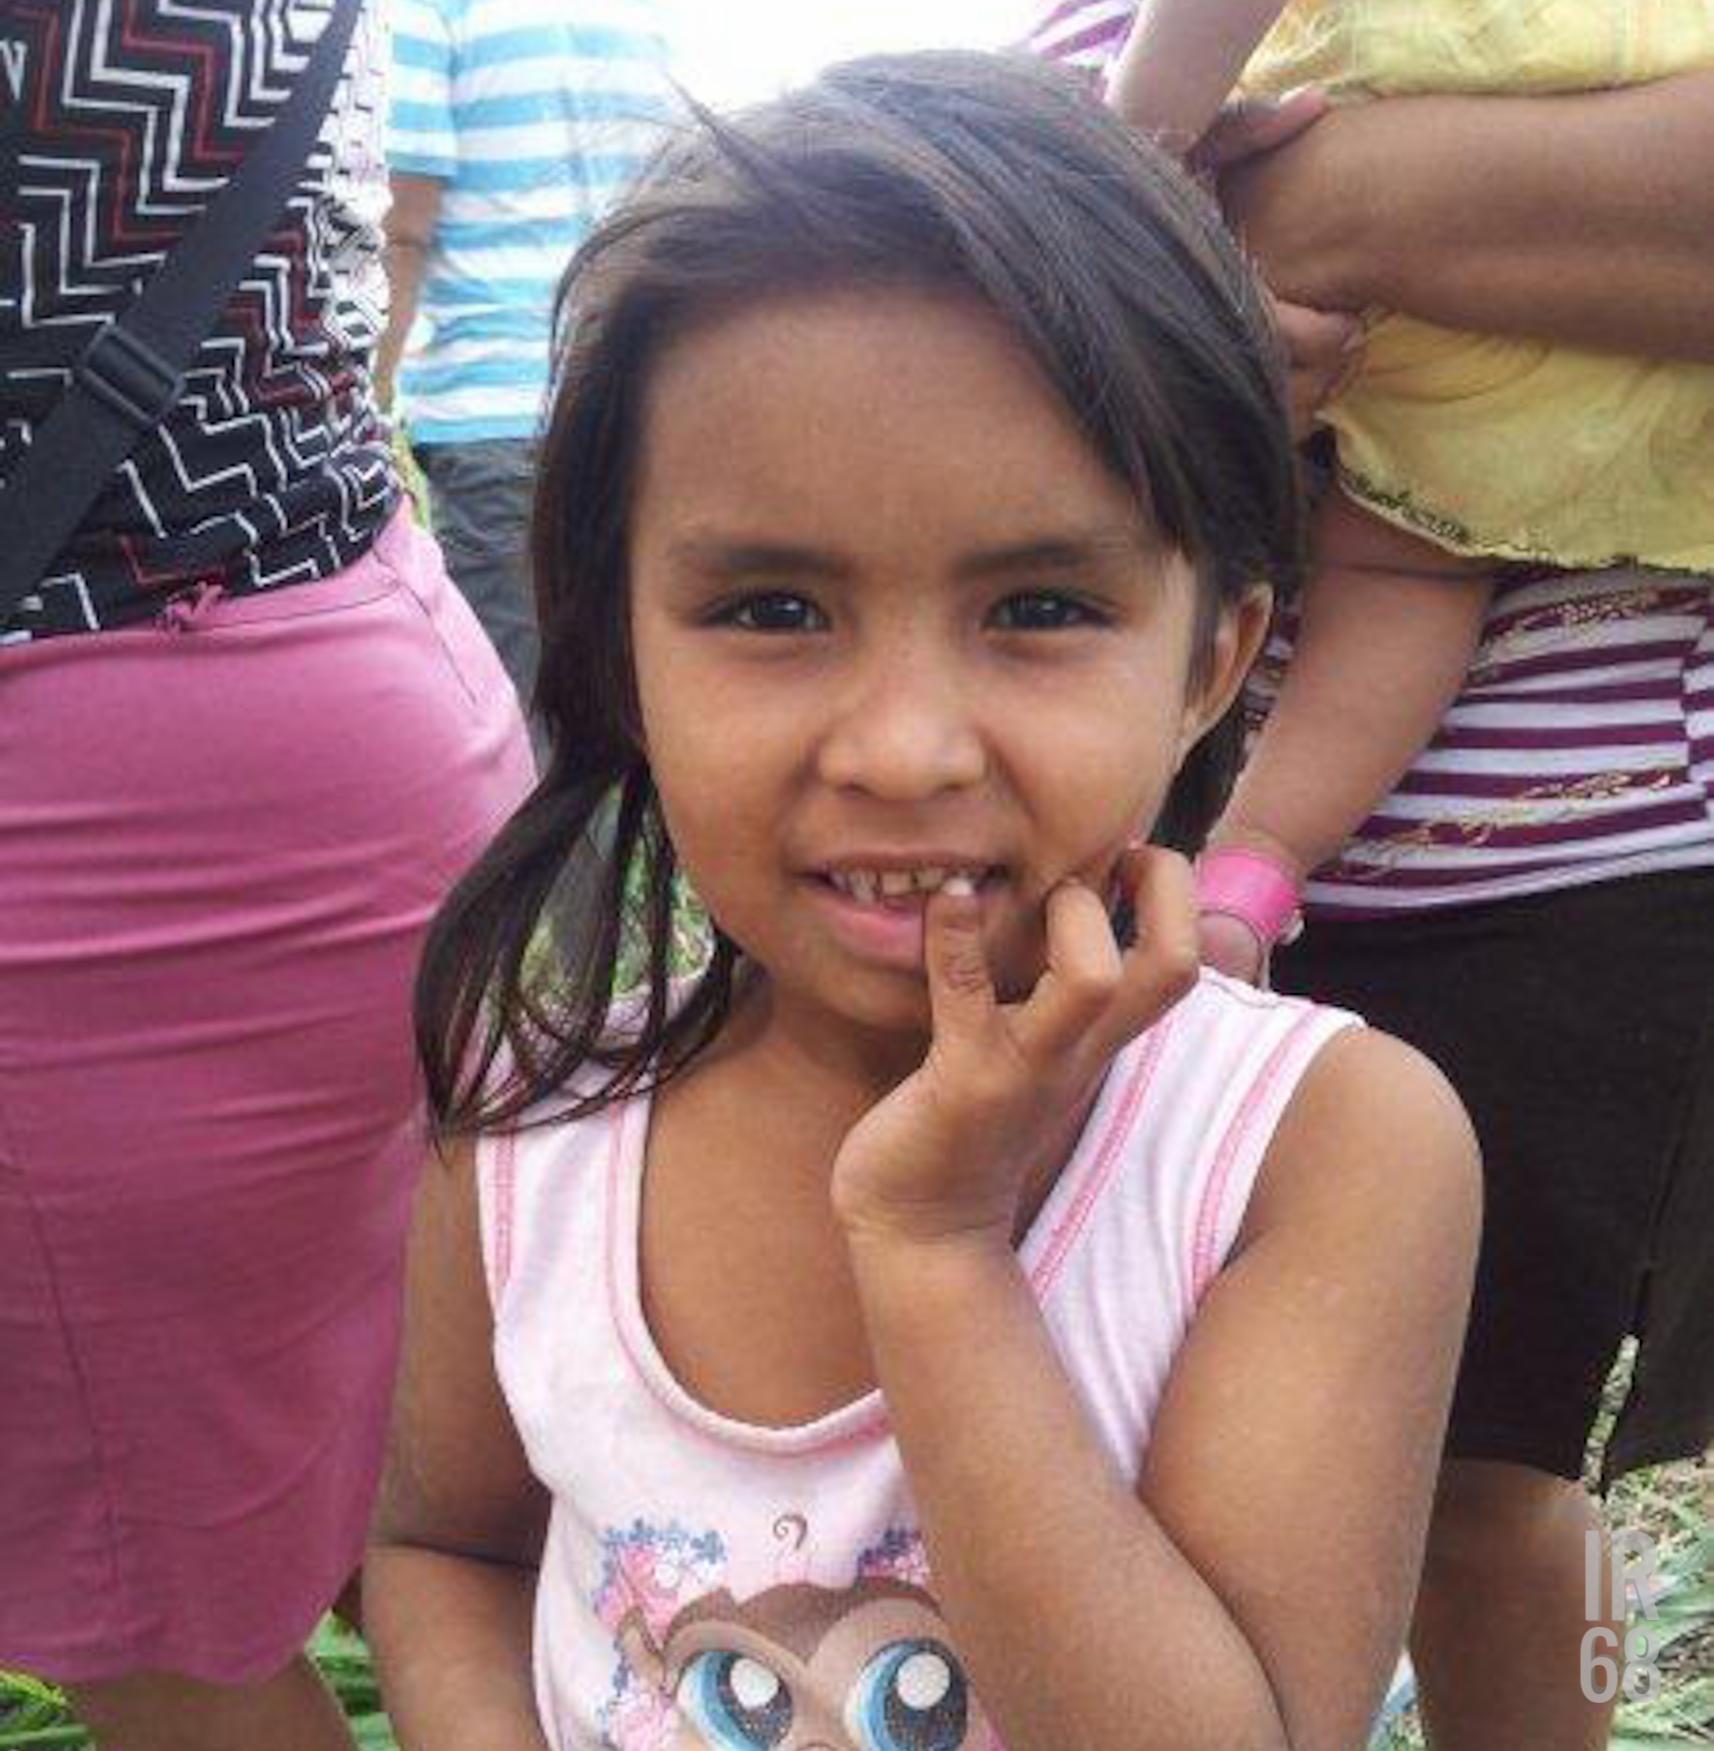 7-Village Kids3.jpg